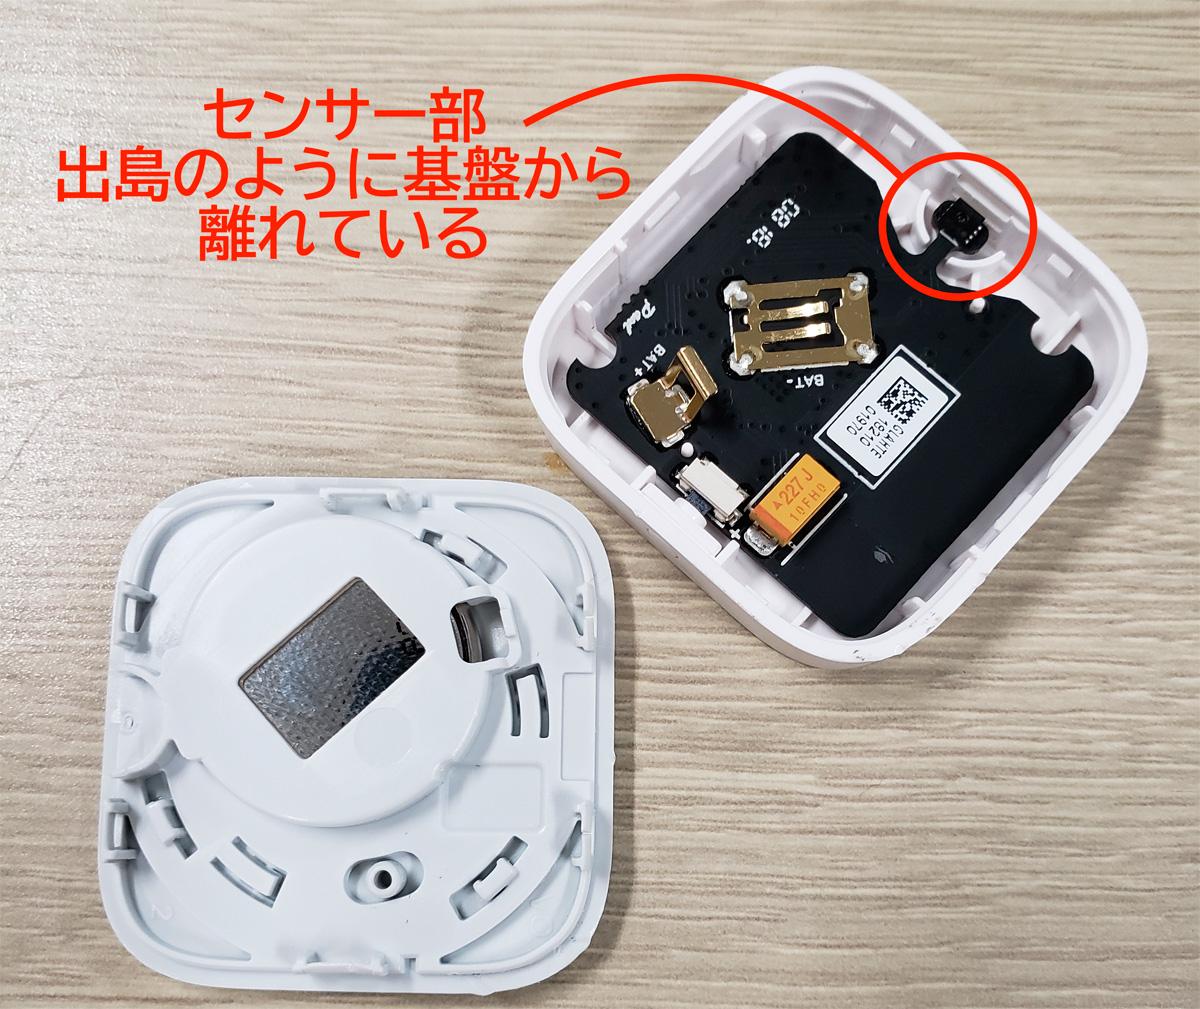 弊社認証済み温度センサー